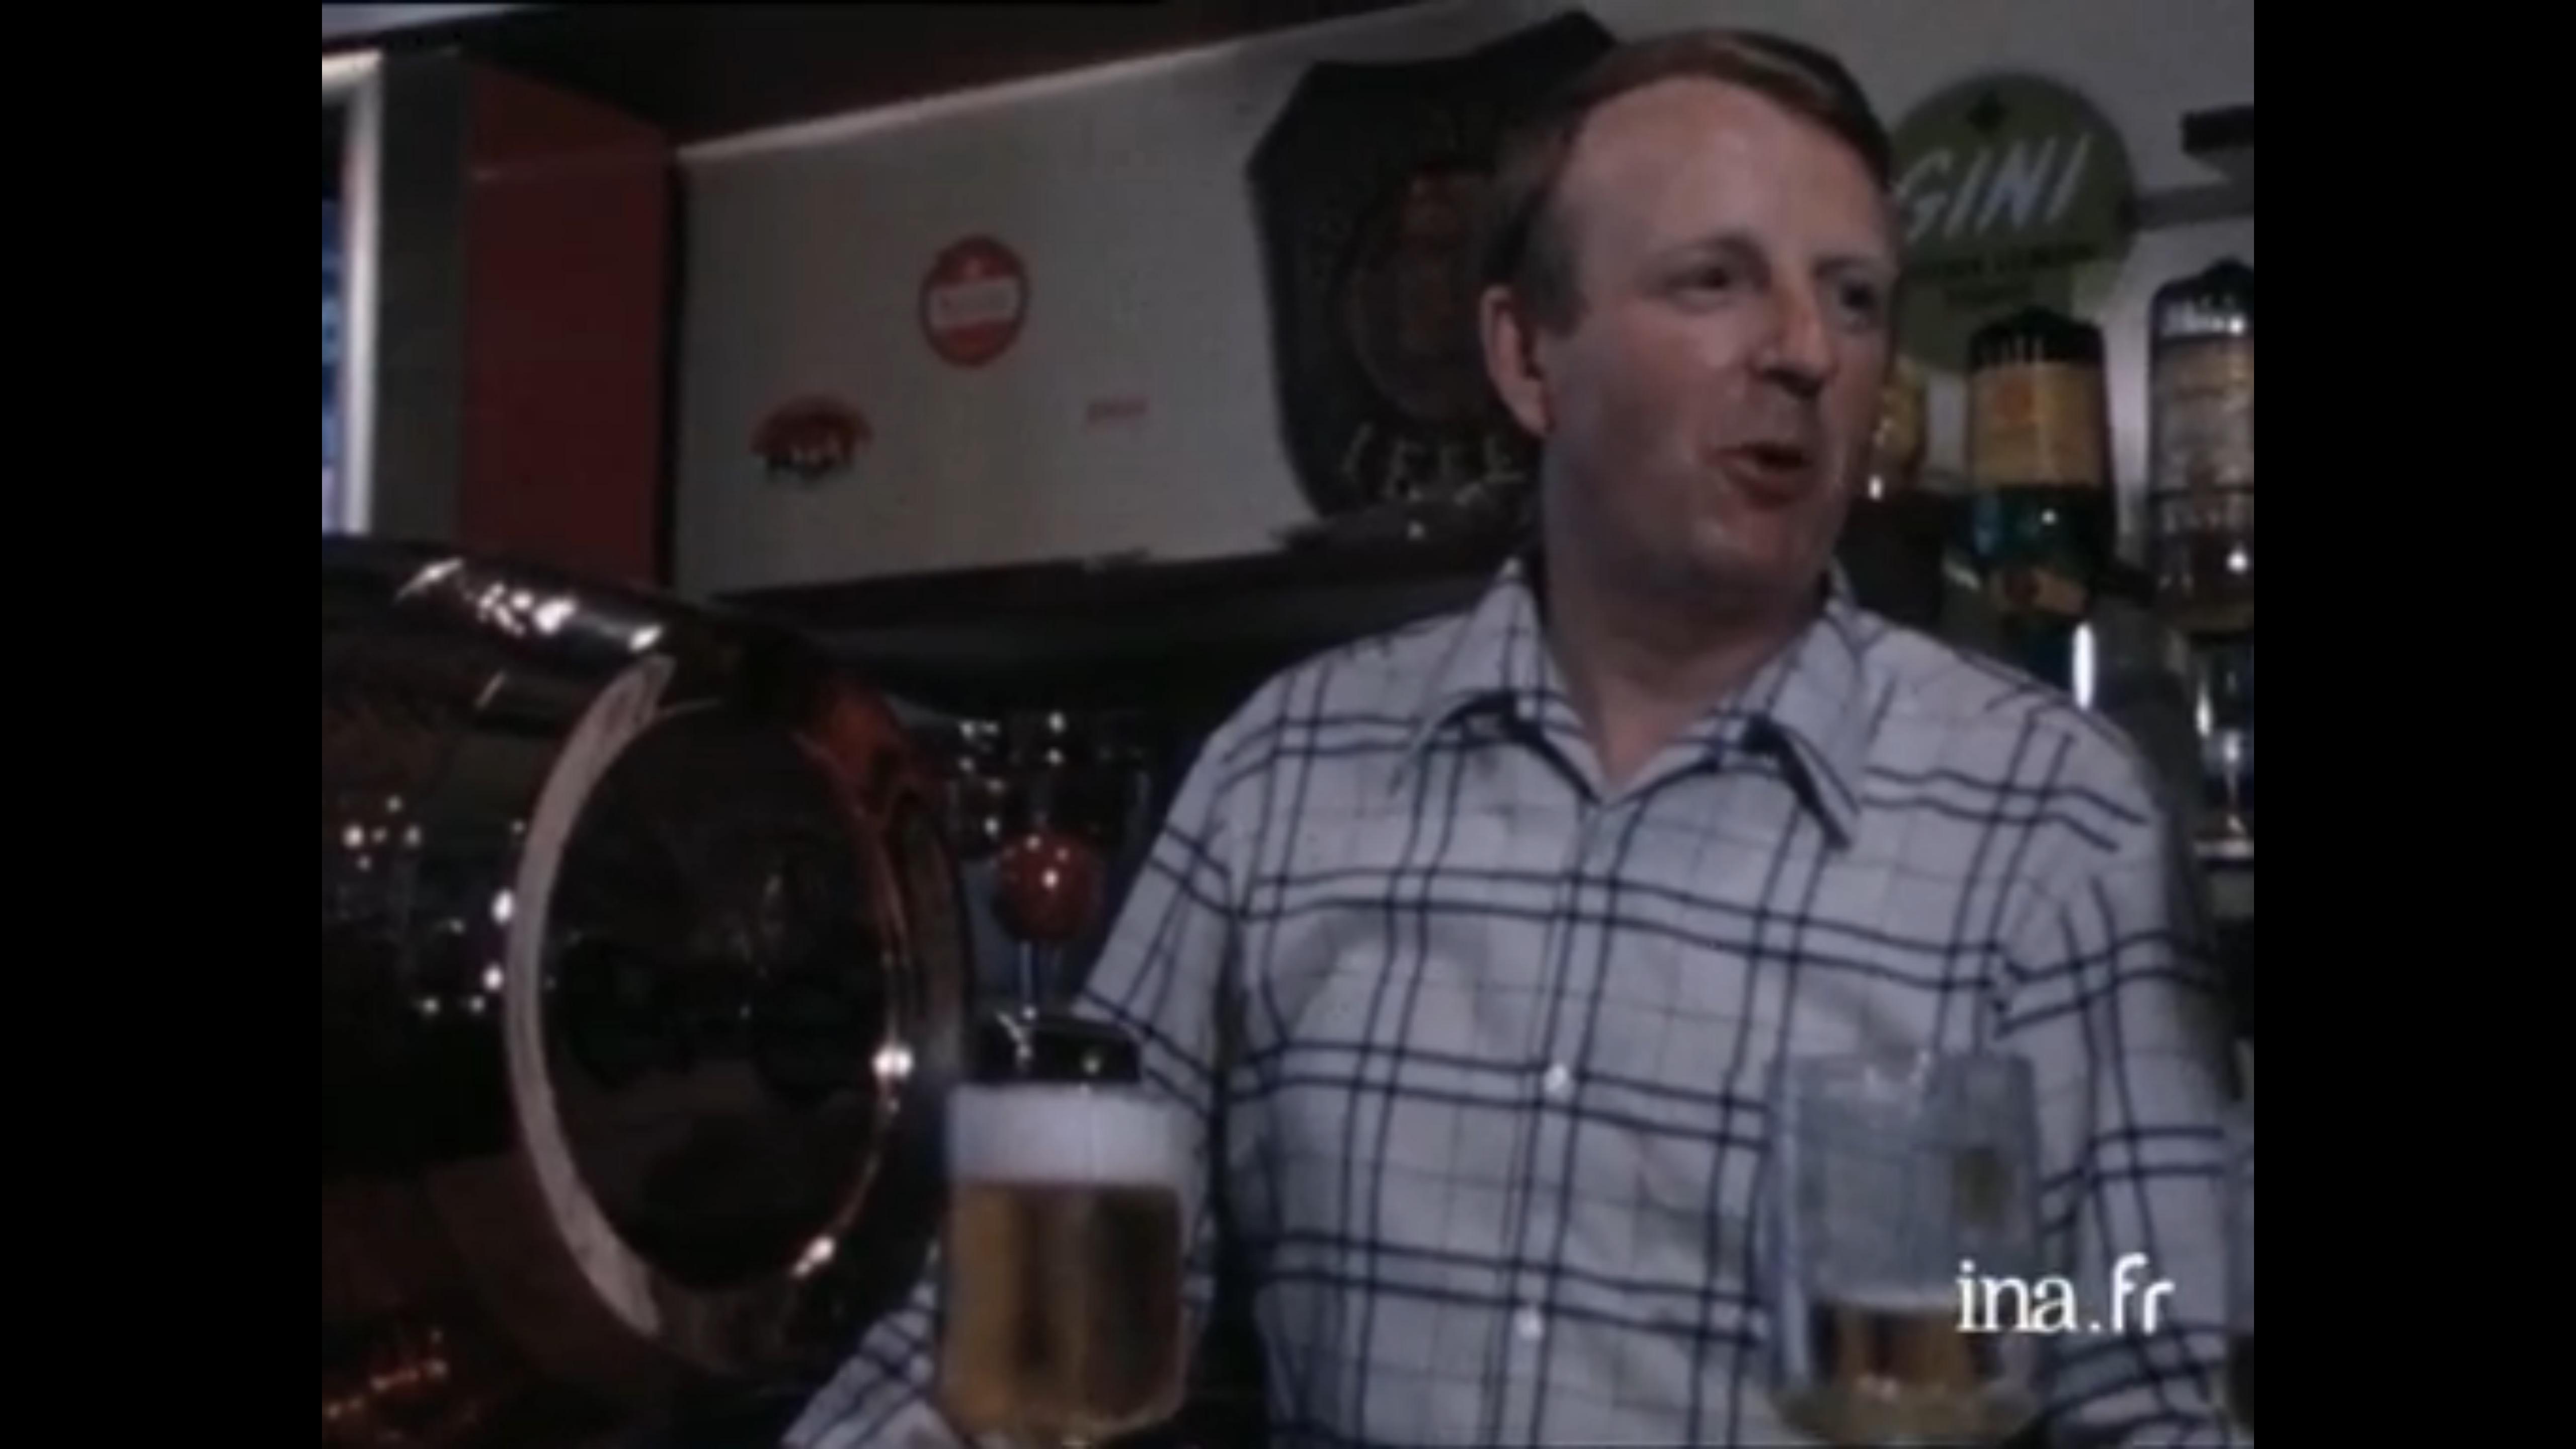 Oui, FR3 conseillait de boire 1,5 L de bière en cas de canicule